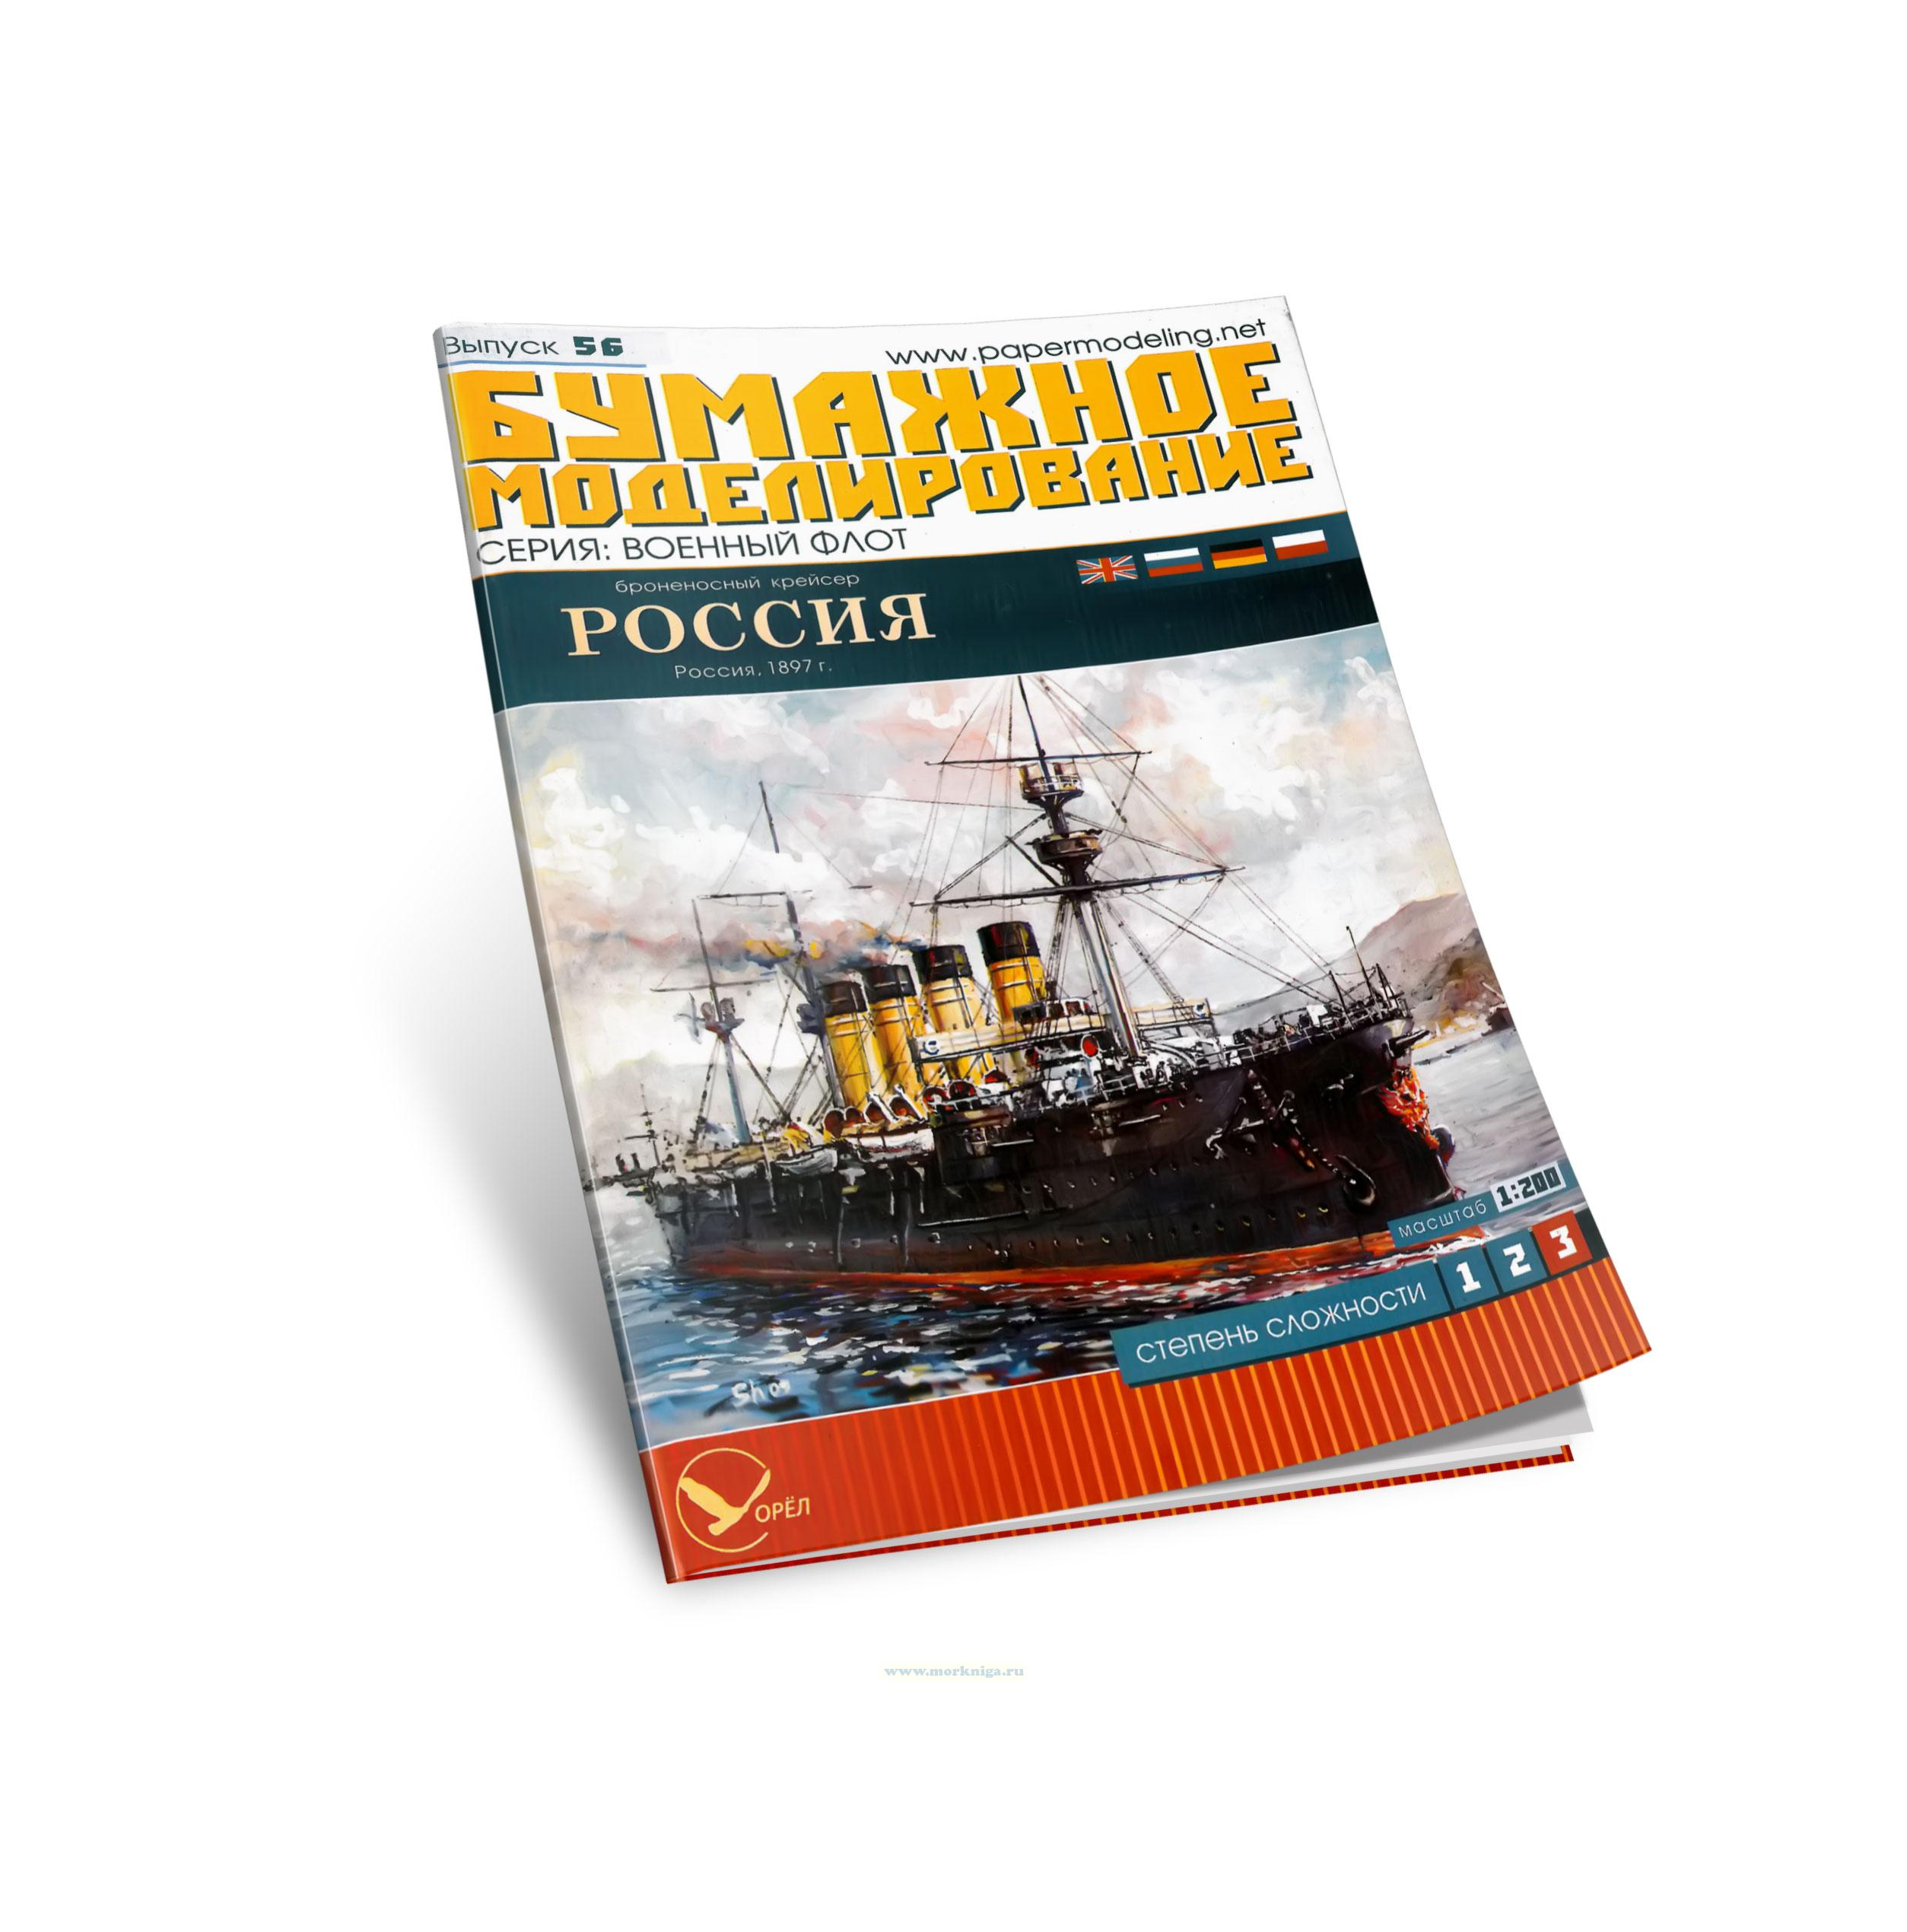 Броненосный крейсер Россия. Россия, 1897 г. Бумажная модель